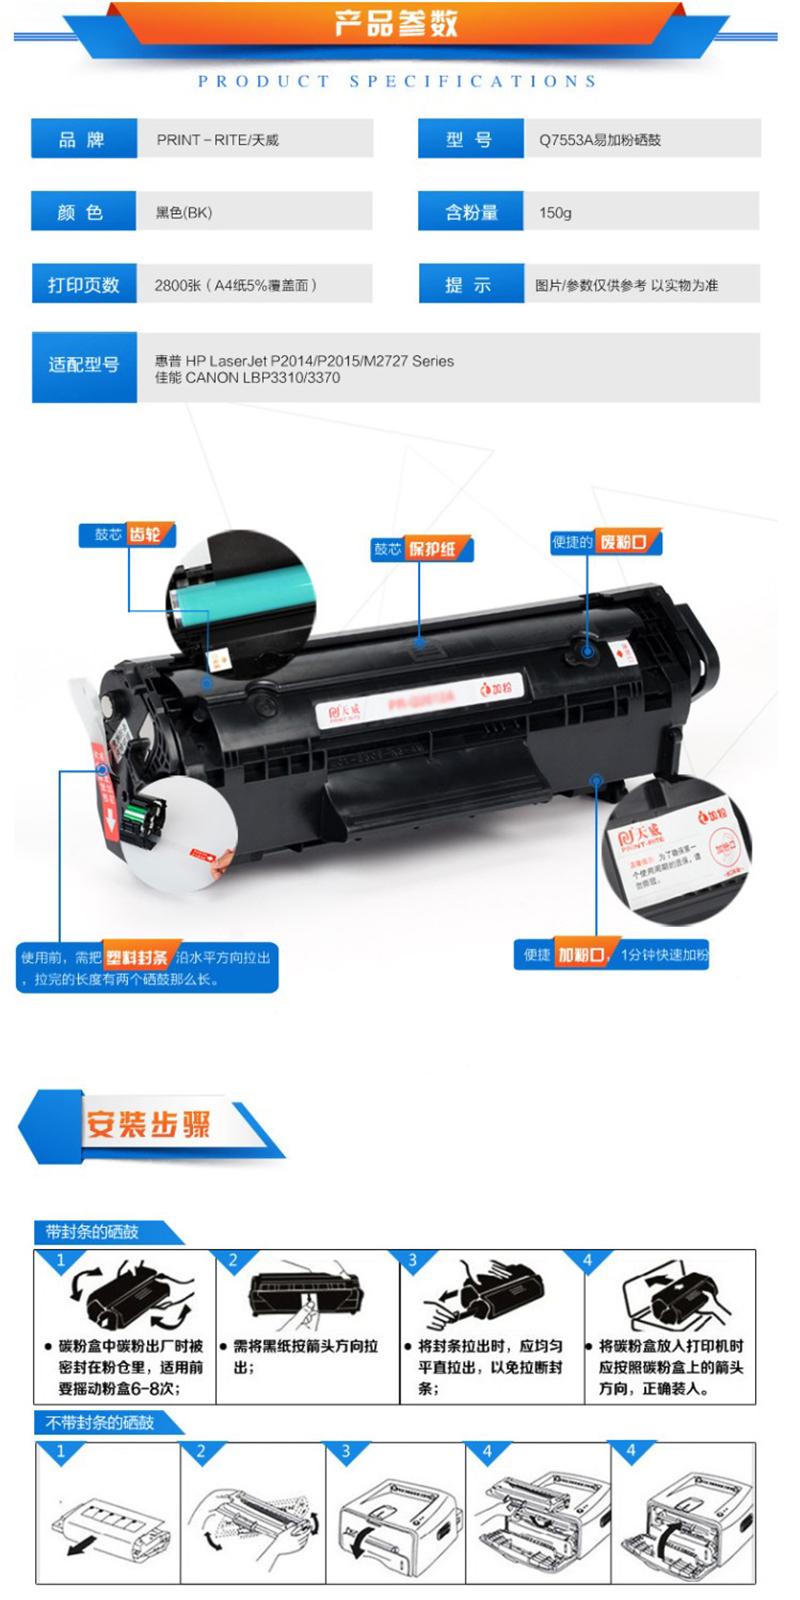 天威 硒鼓 Q7553A (适用惠普LaserLect P2010 P2015 2727 打印机硒鼓)1